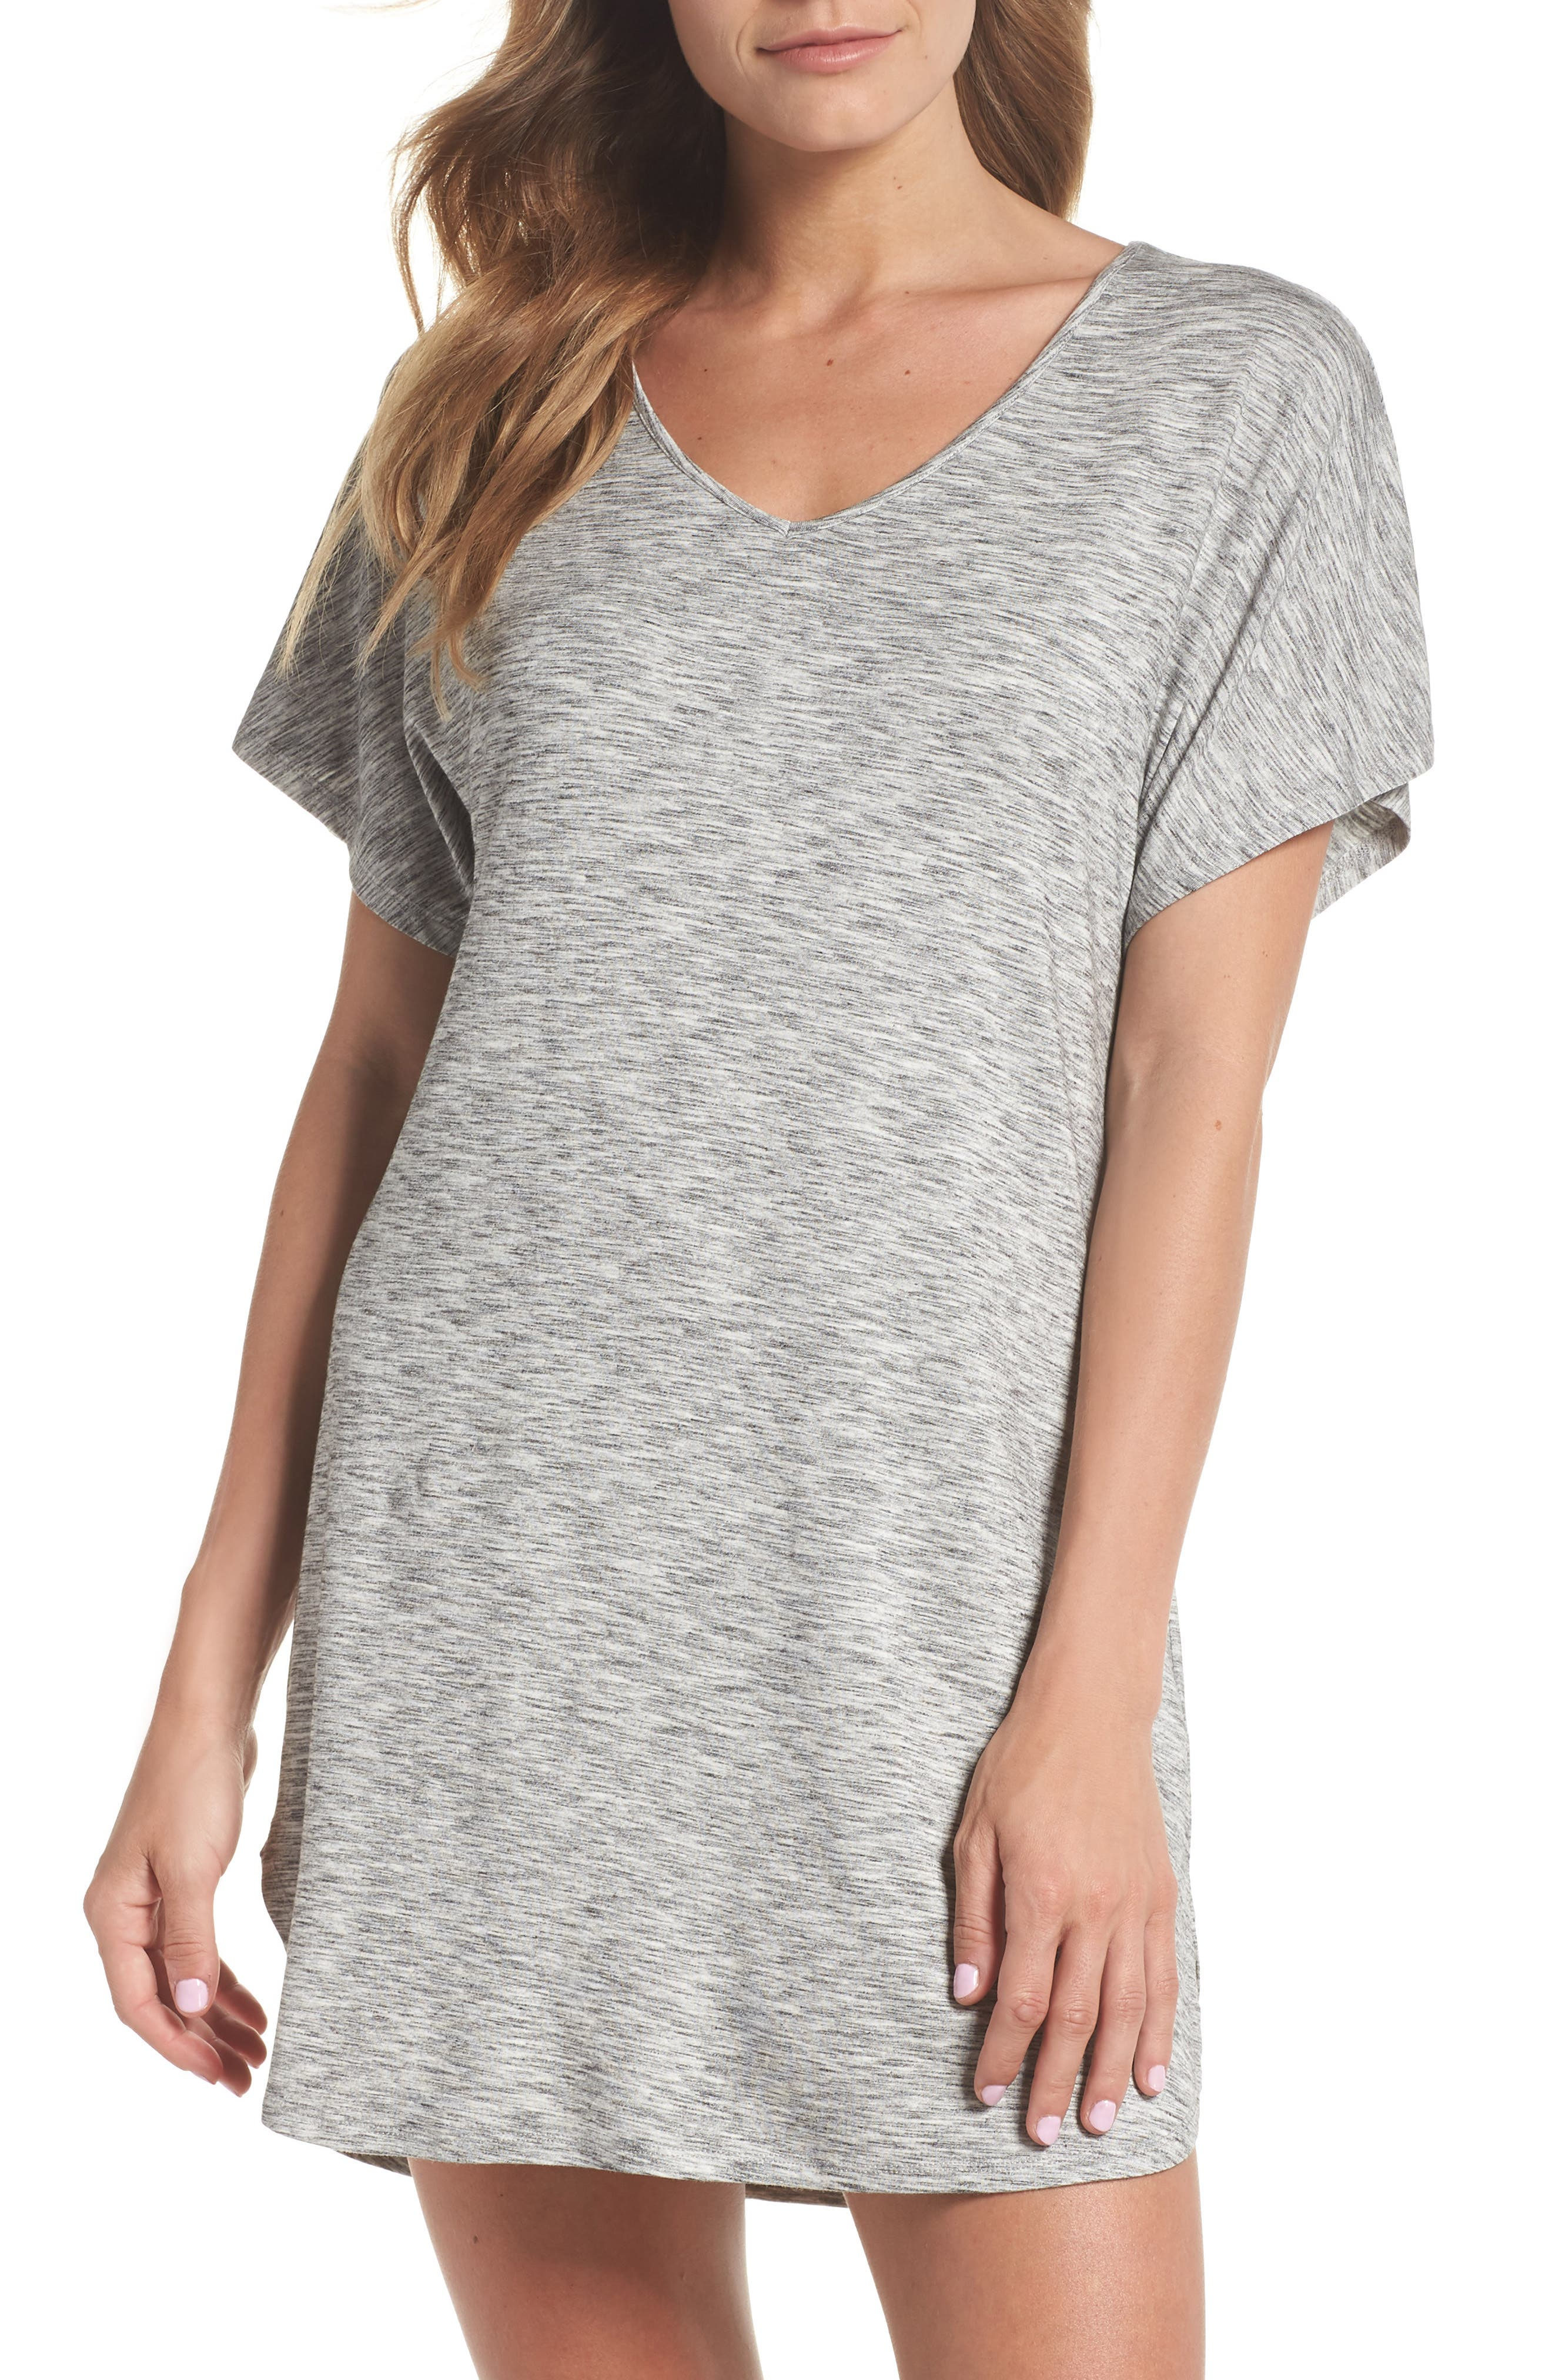 Nordstrom Lingerie Dolman Sleeve Nightshirt, Grey